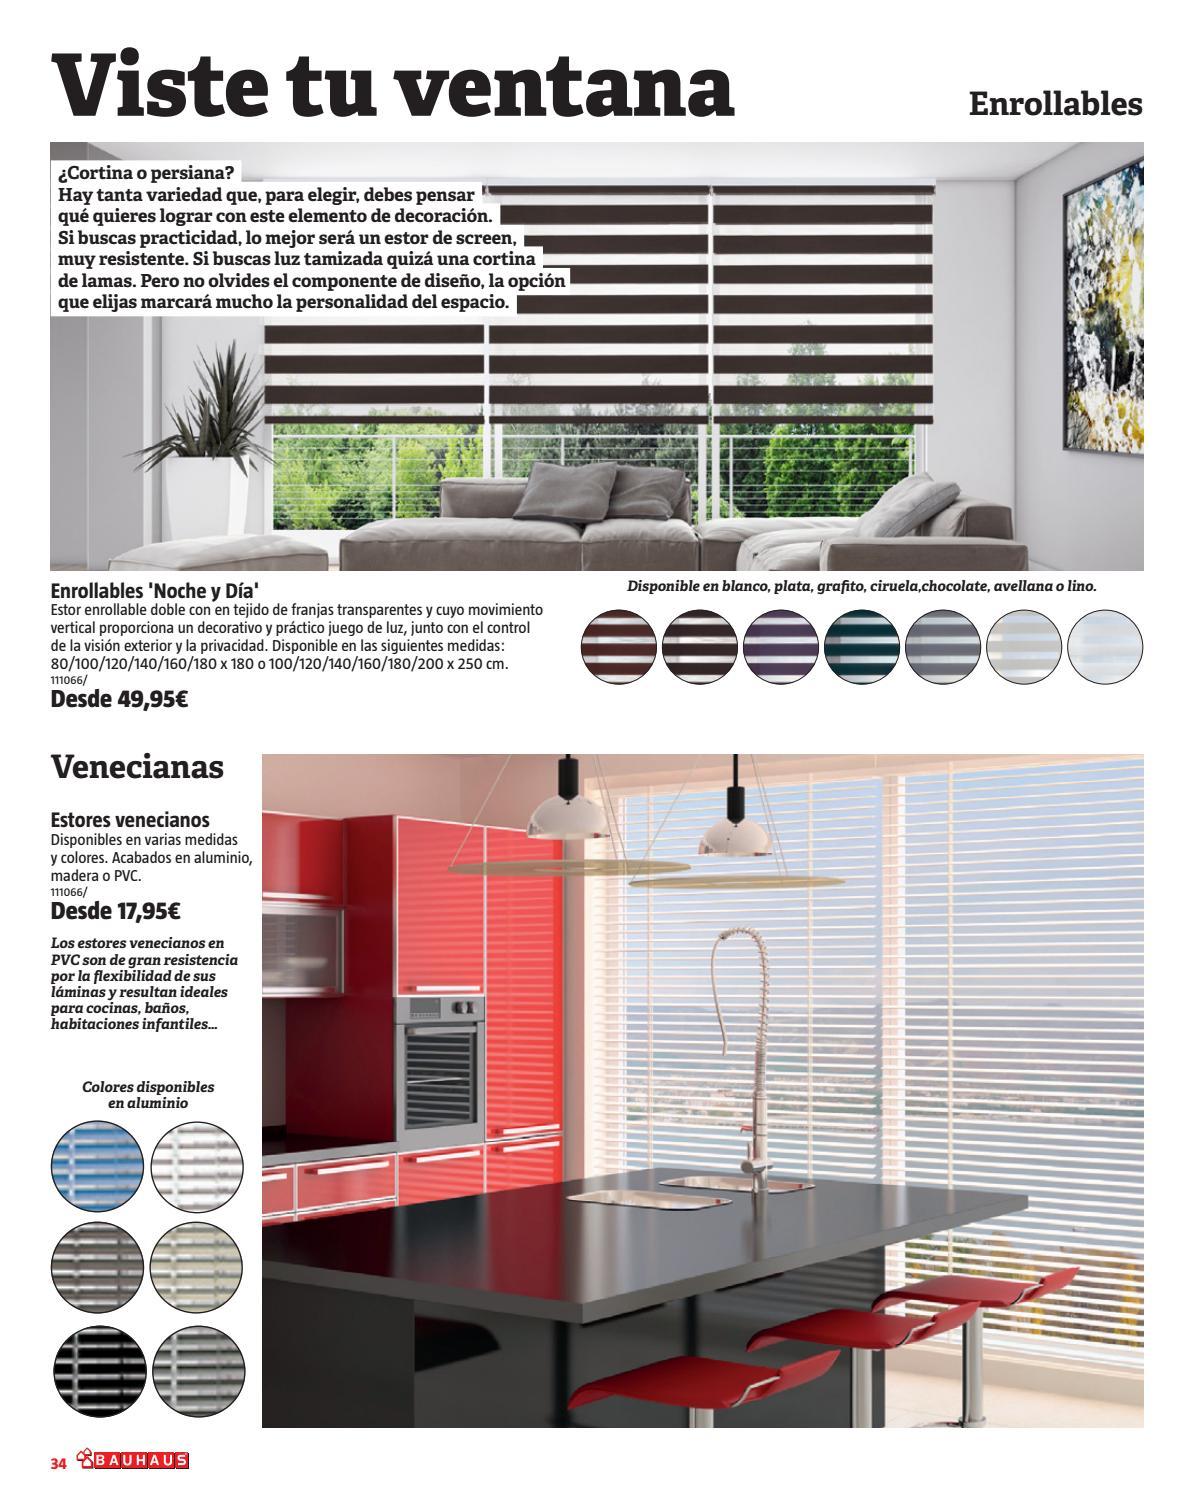 Ventanas Pvc Bauhaus.Especial Decoracion By Bauhaus Issuu